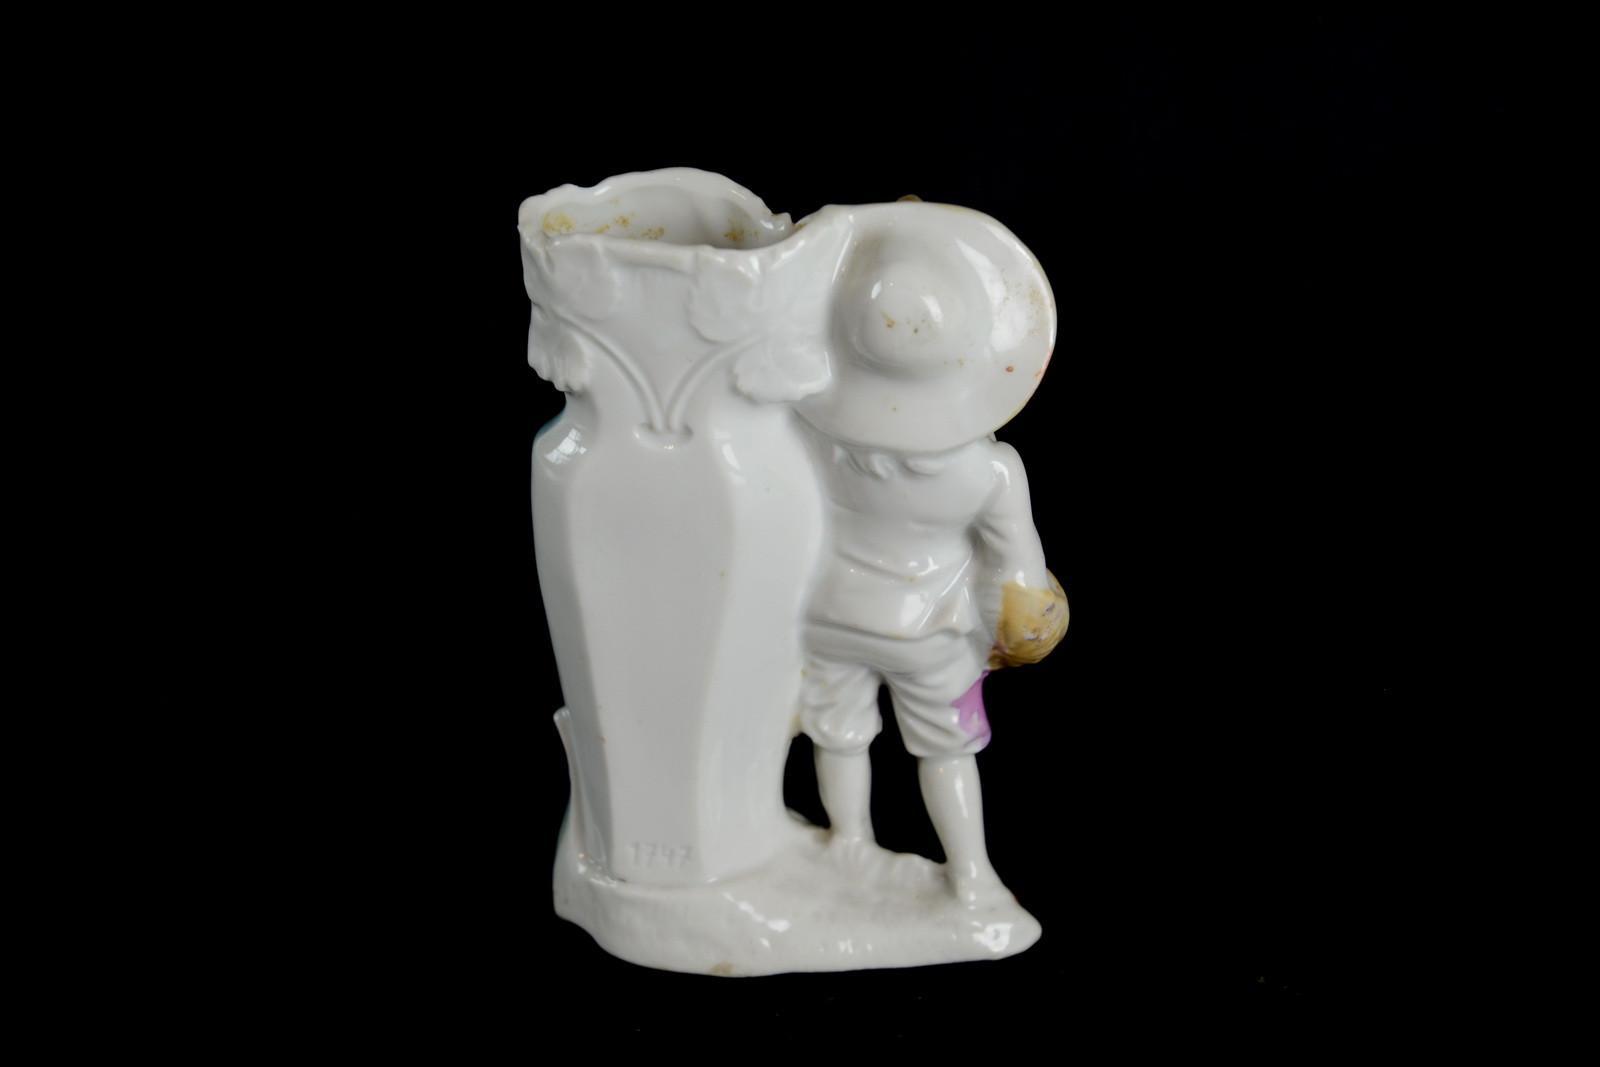 vasetto-portafiori-liberty-in-ceramica-vendemmia-3,2374.jpg?WebbinsCacheCounter=1